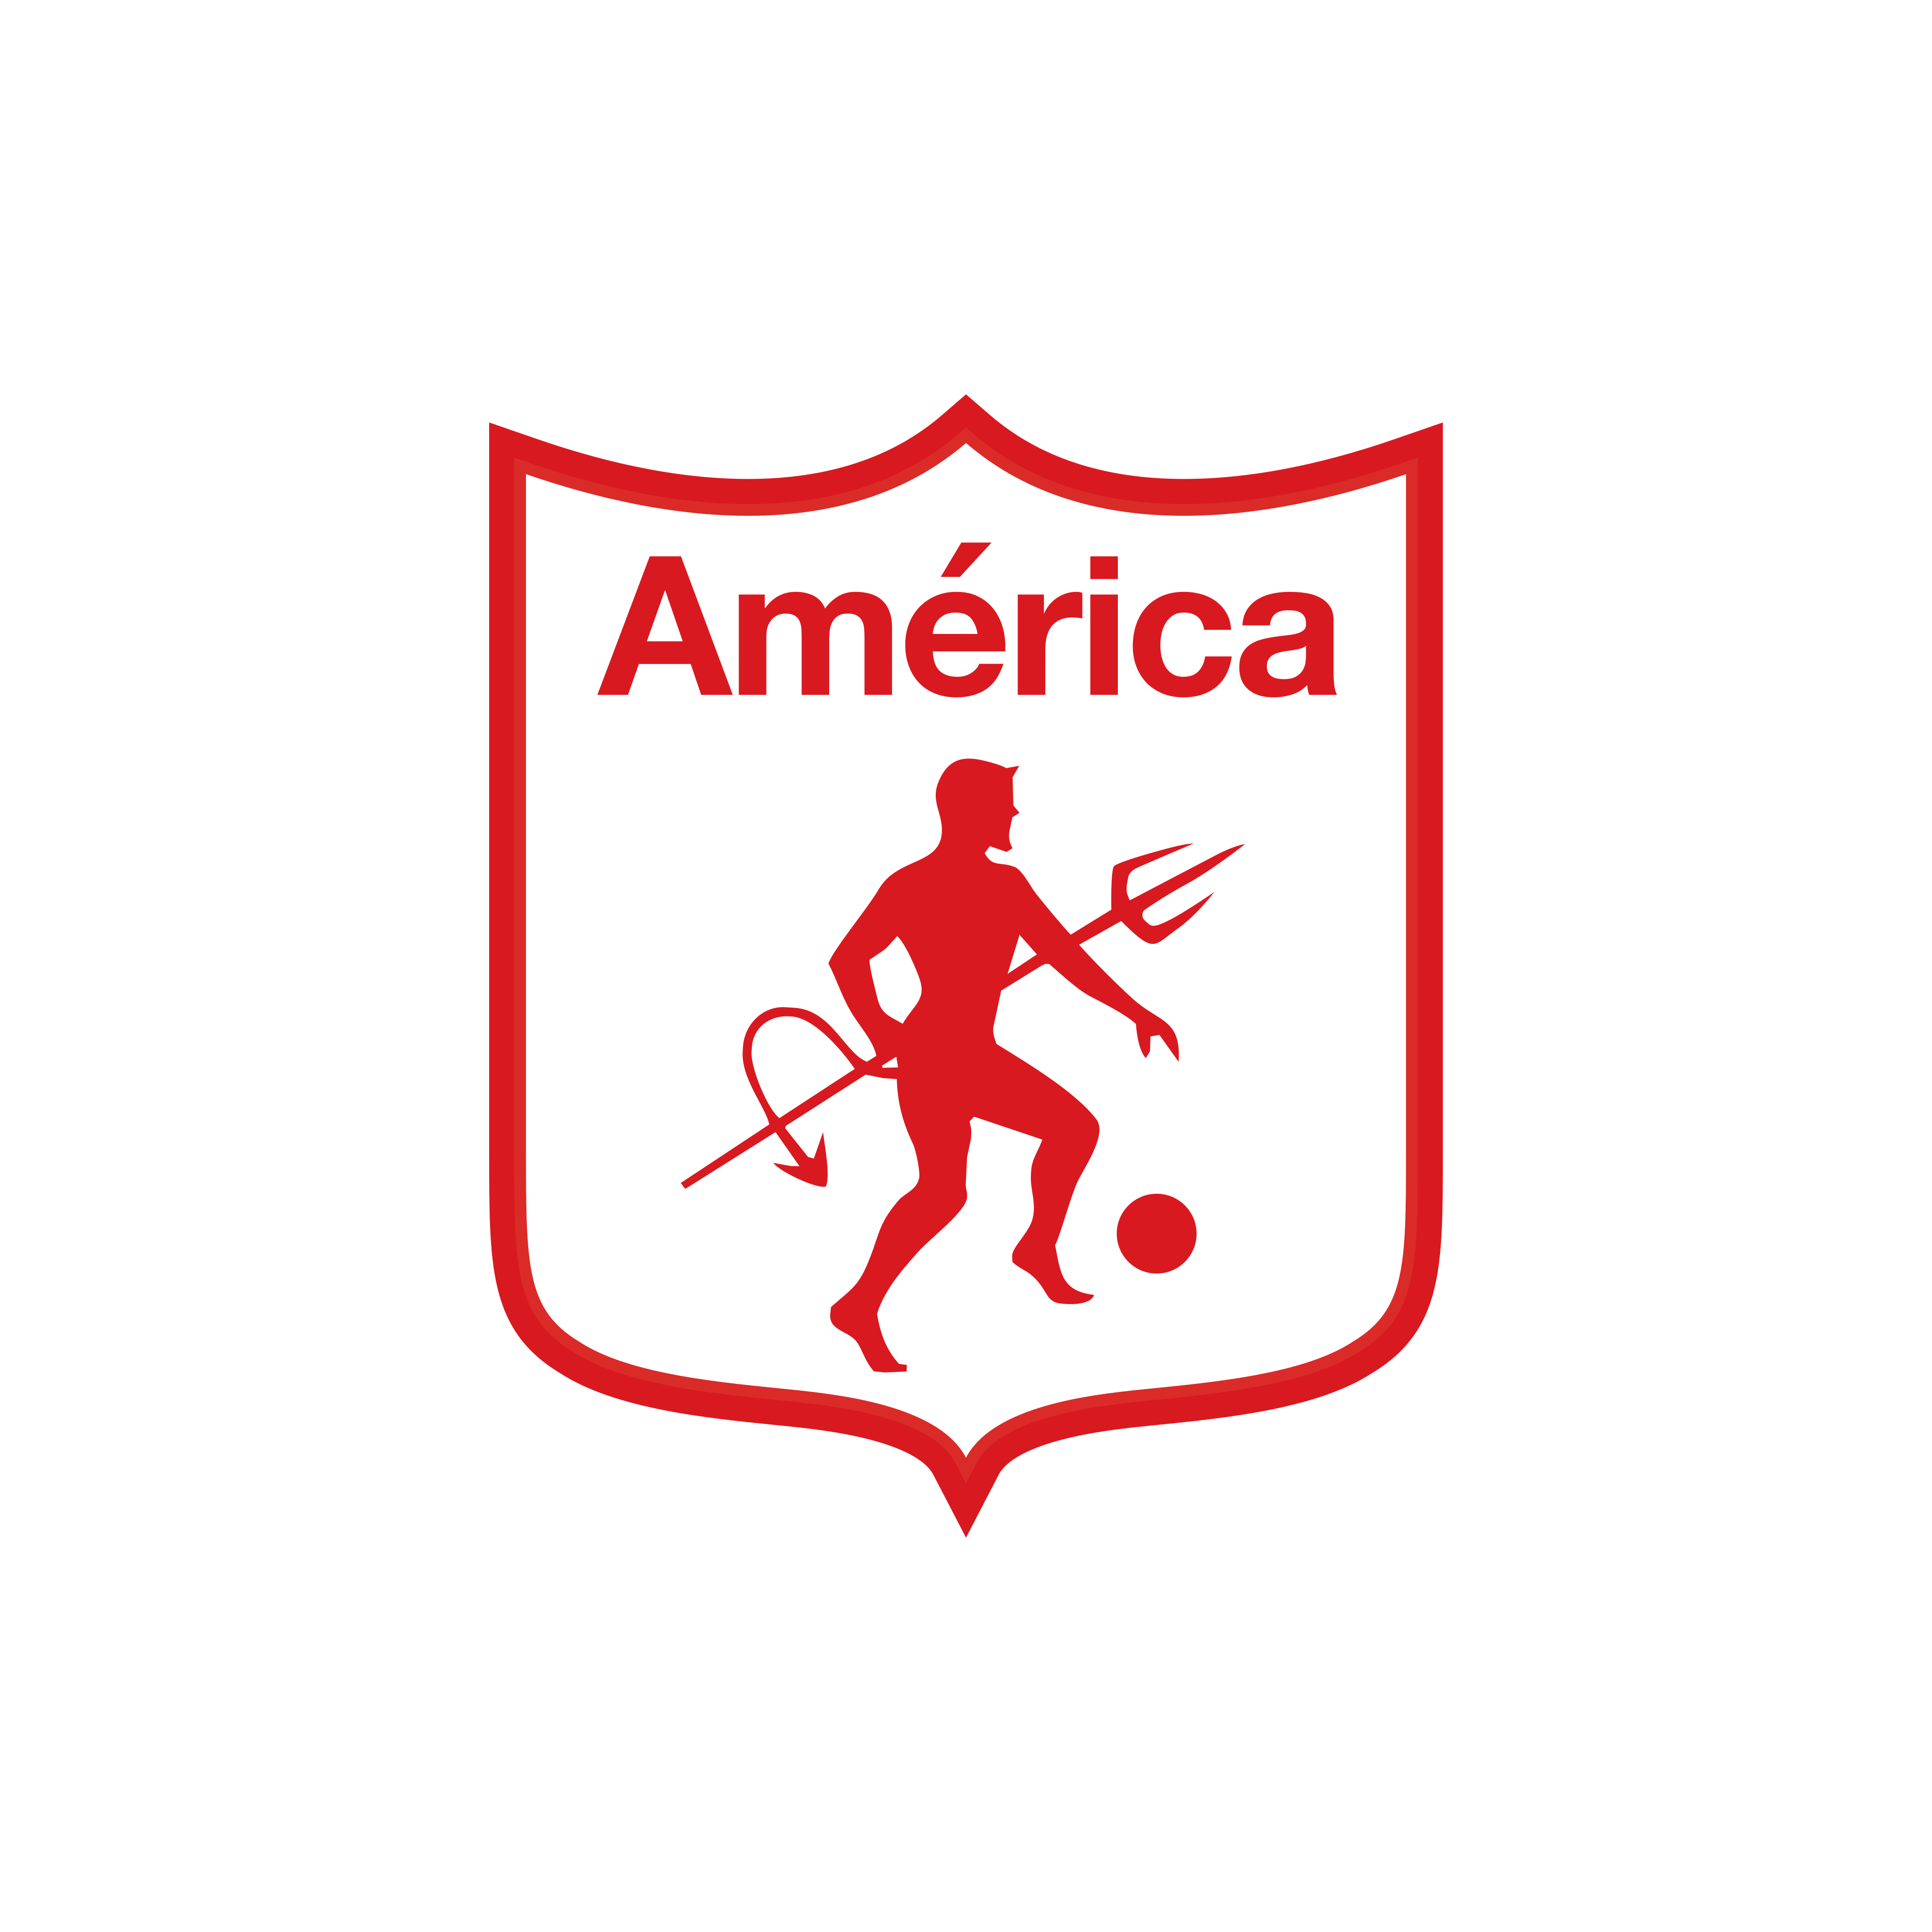 america de cali logo 0 - América de Cali Logo - Escudo